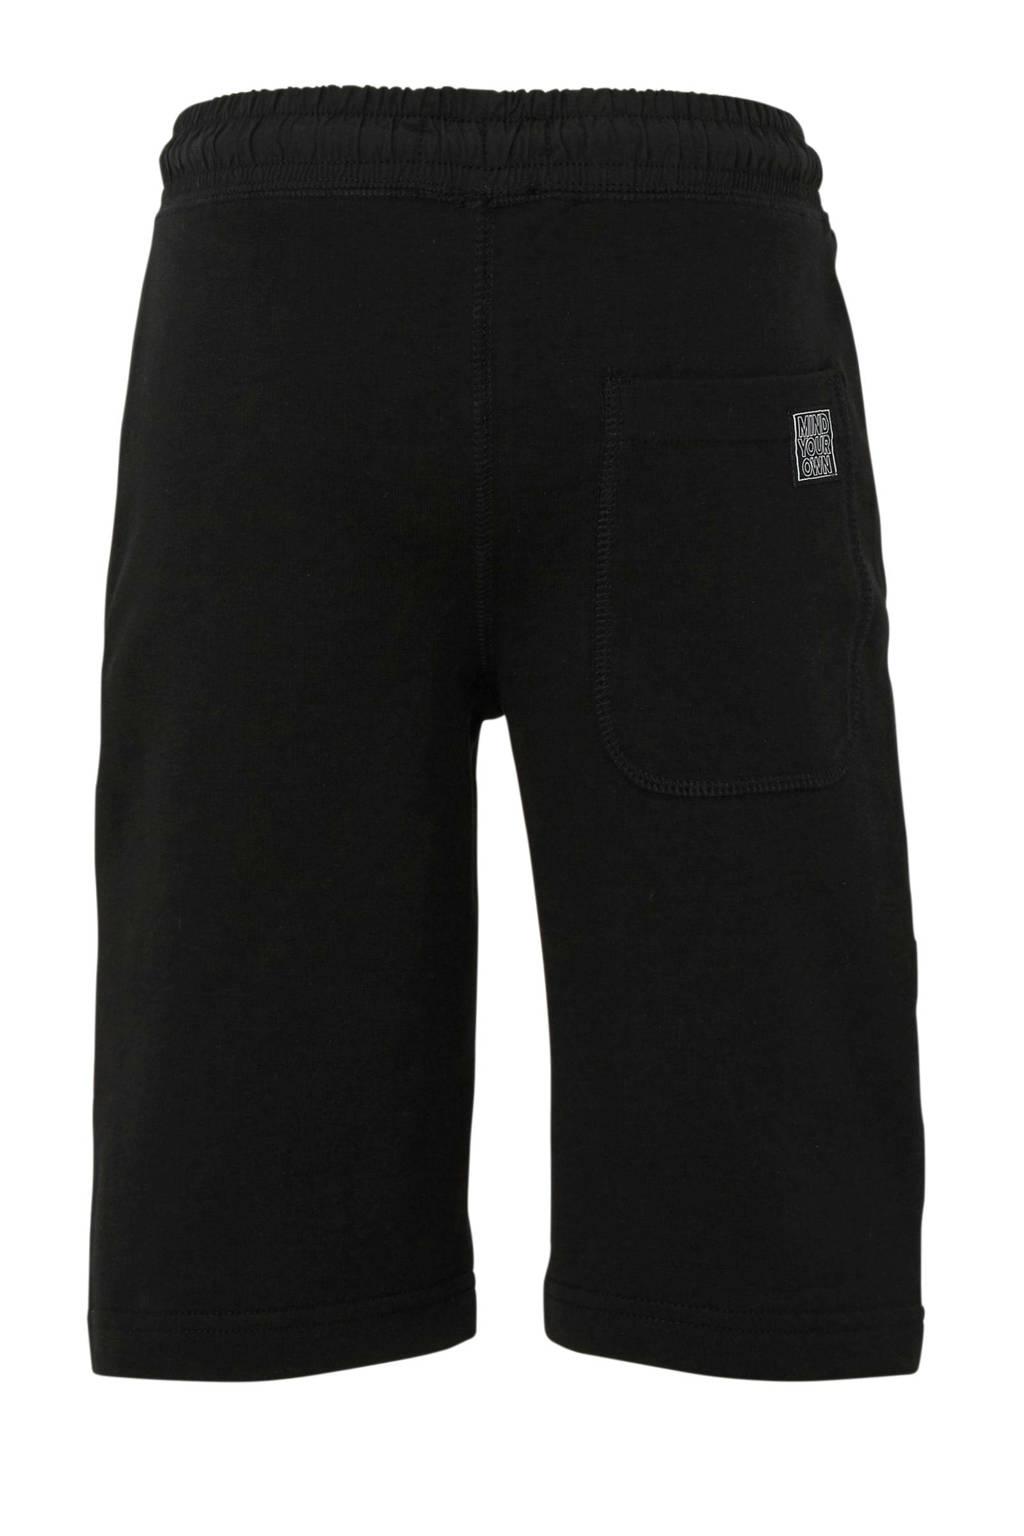 C&A Here & There straight fit sweatshort met zijstreep zwart/wit, Zwart/wit